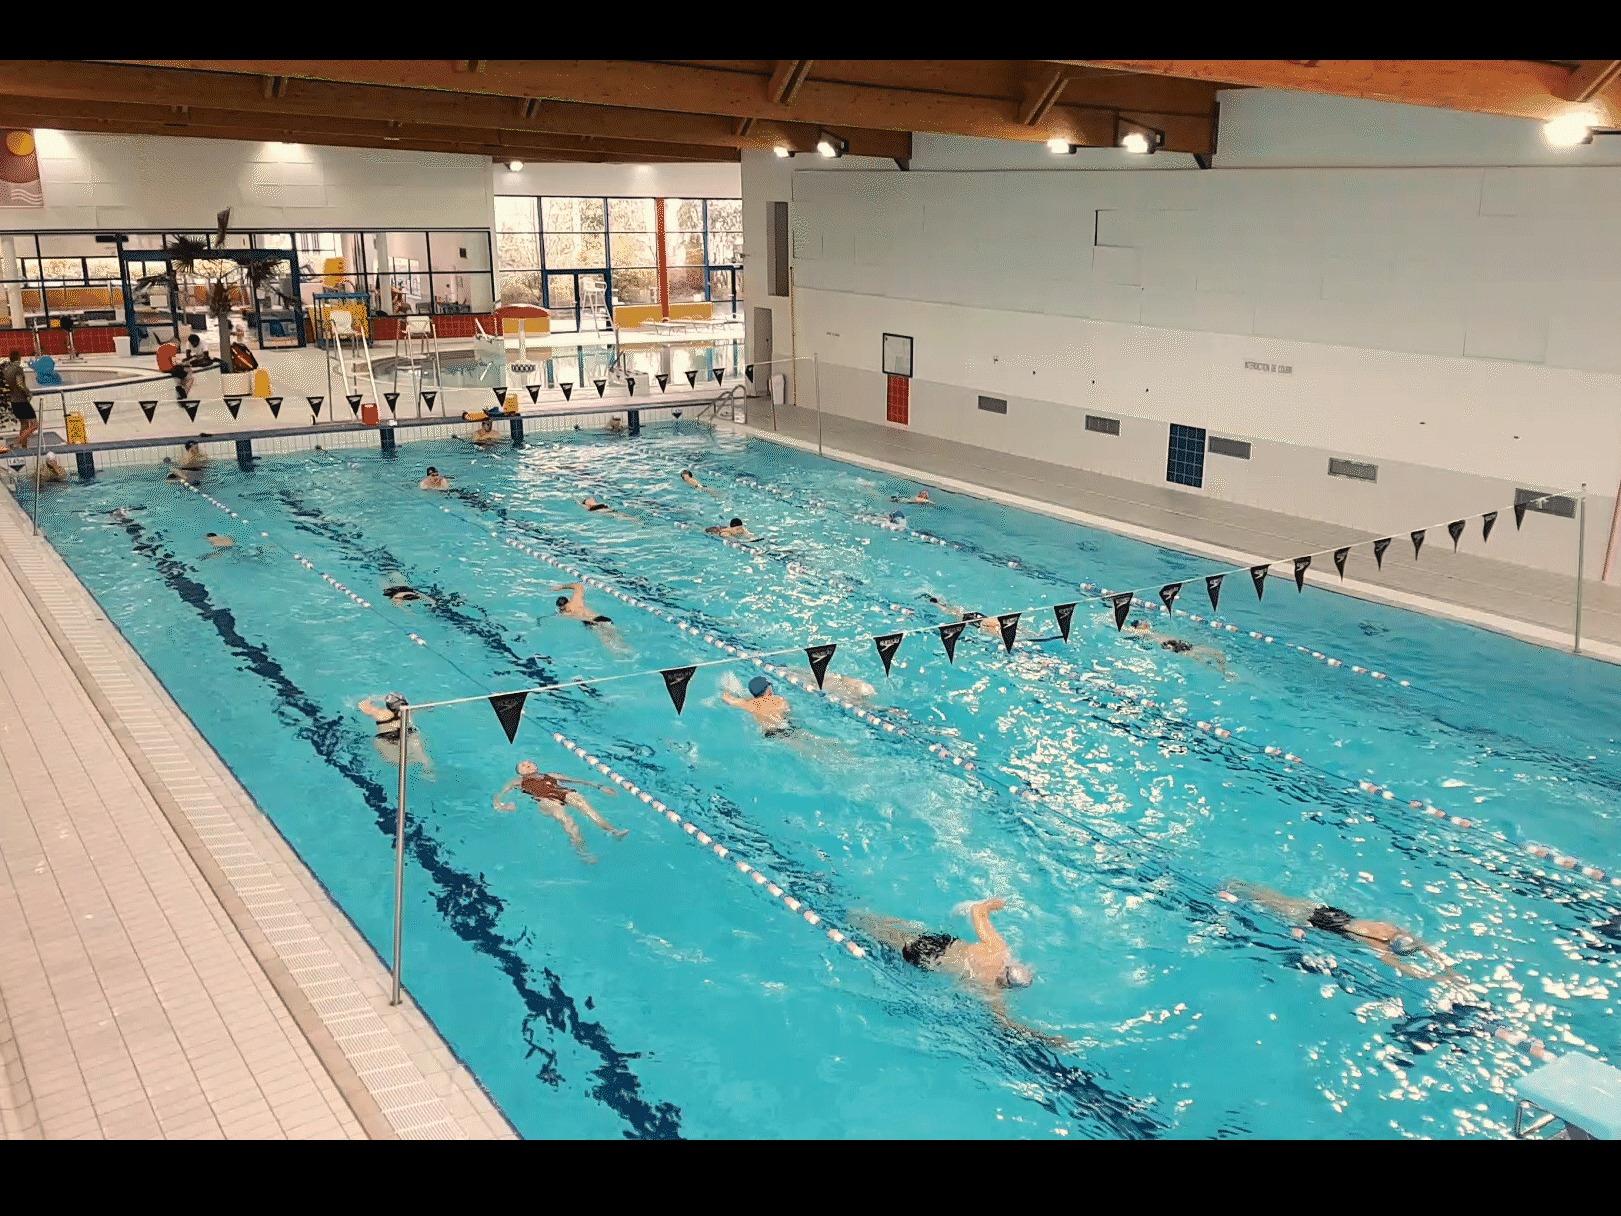 Salles De Sport Avec Piscine À Conflans-Sainte-Honorine : Le ... concernant Piscine De Conflans